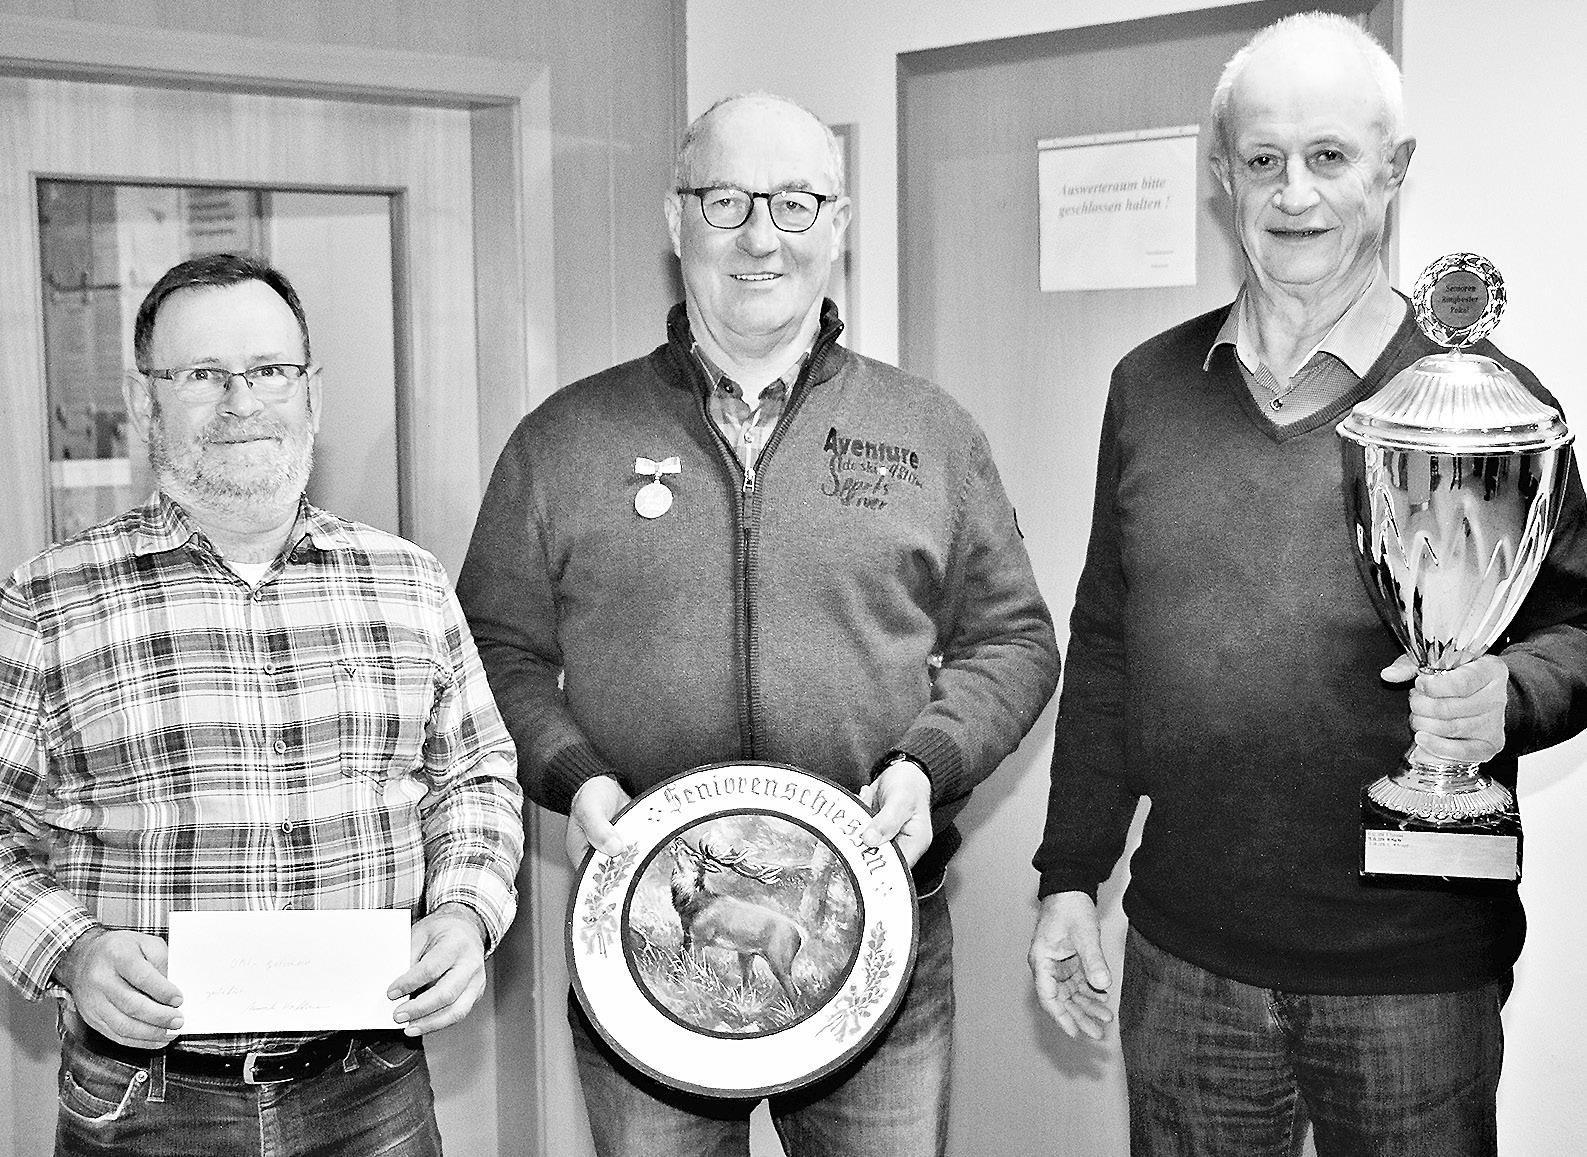 Pistolenbester Wilfried Hentschel (von links), Seniorenbester Walter Urbschat und Gerd Heine. Foto: Heinemann Gahlau